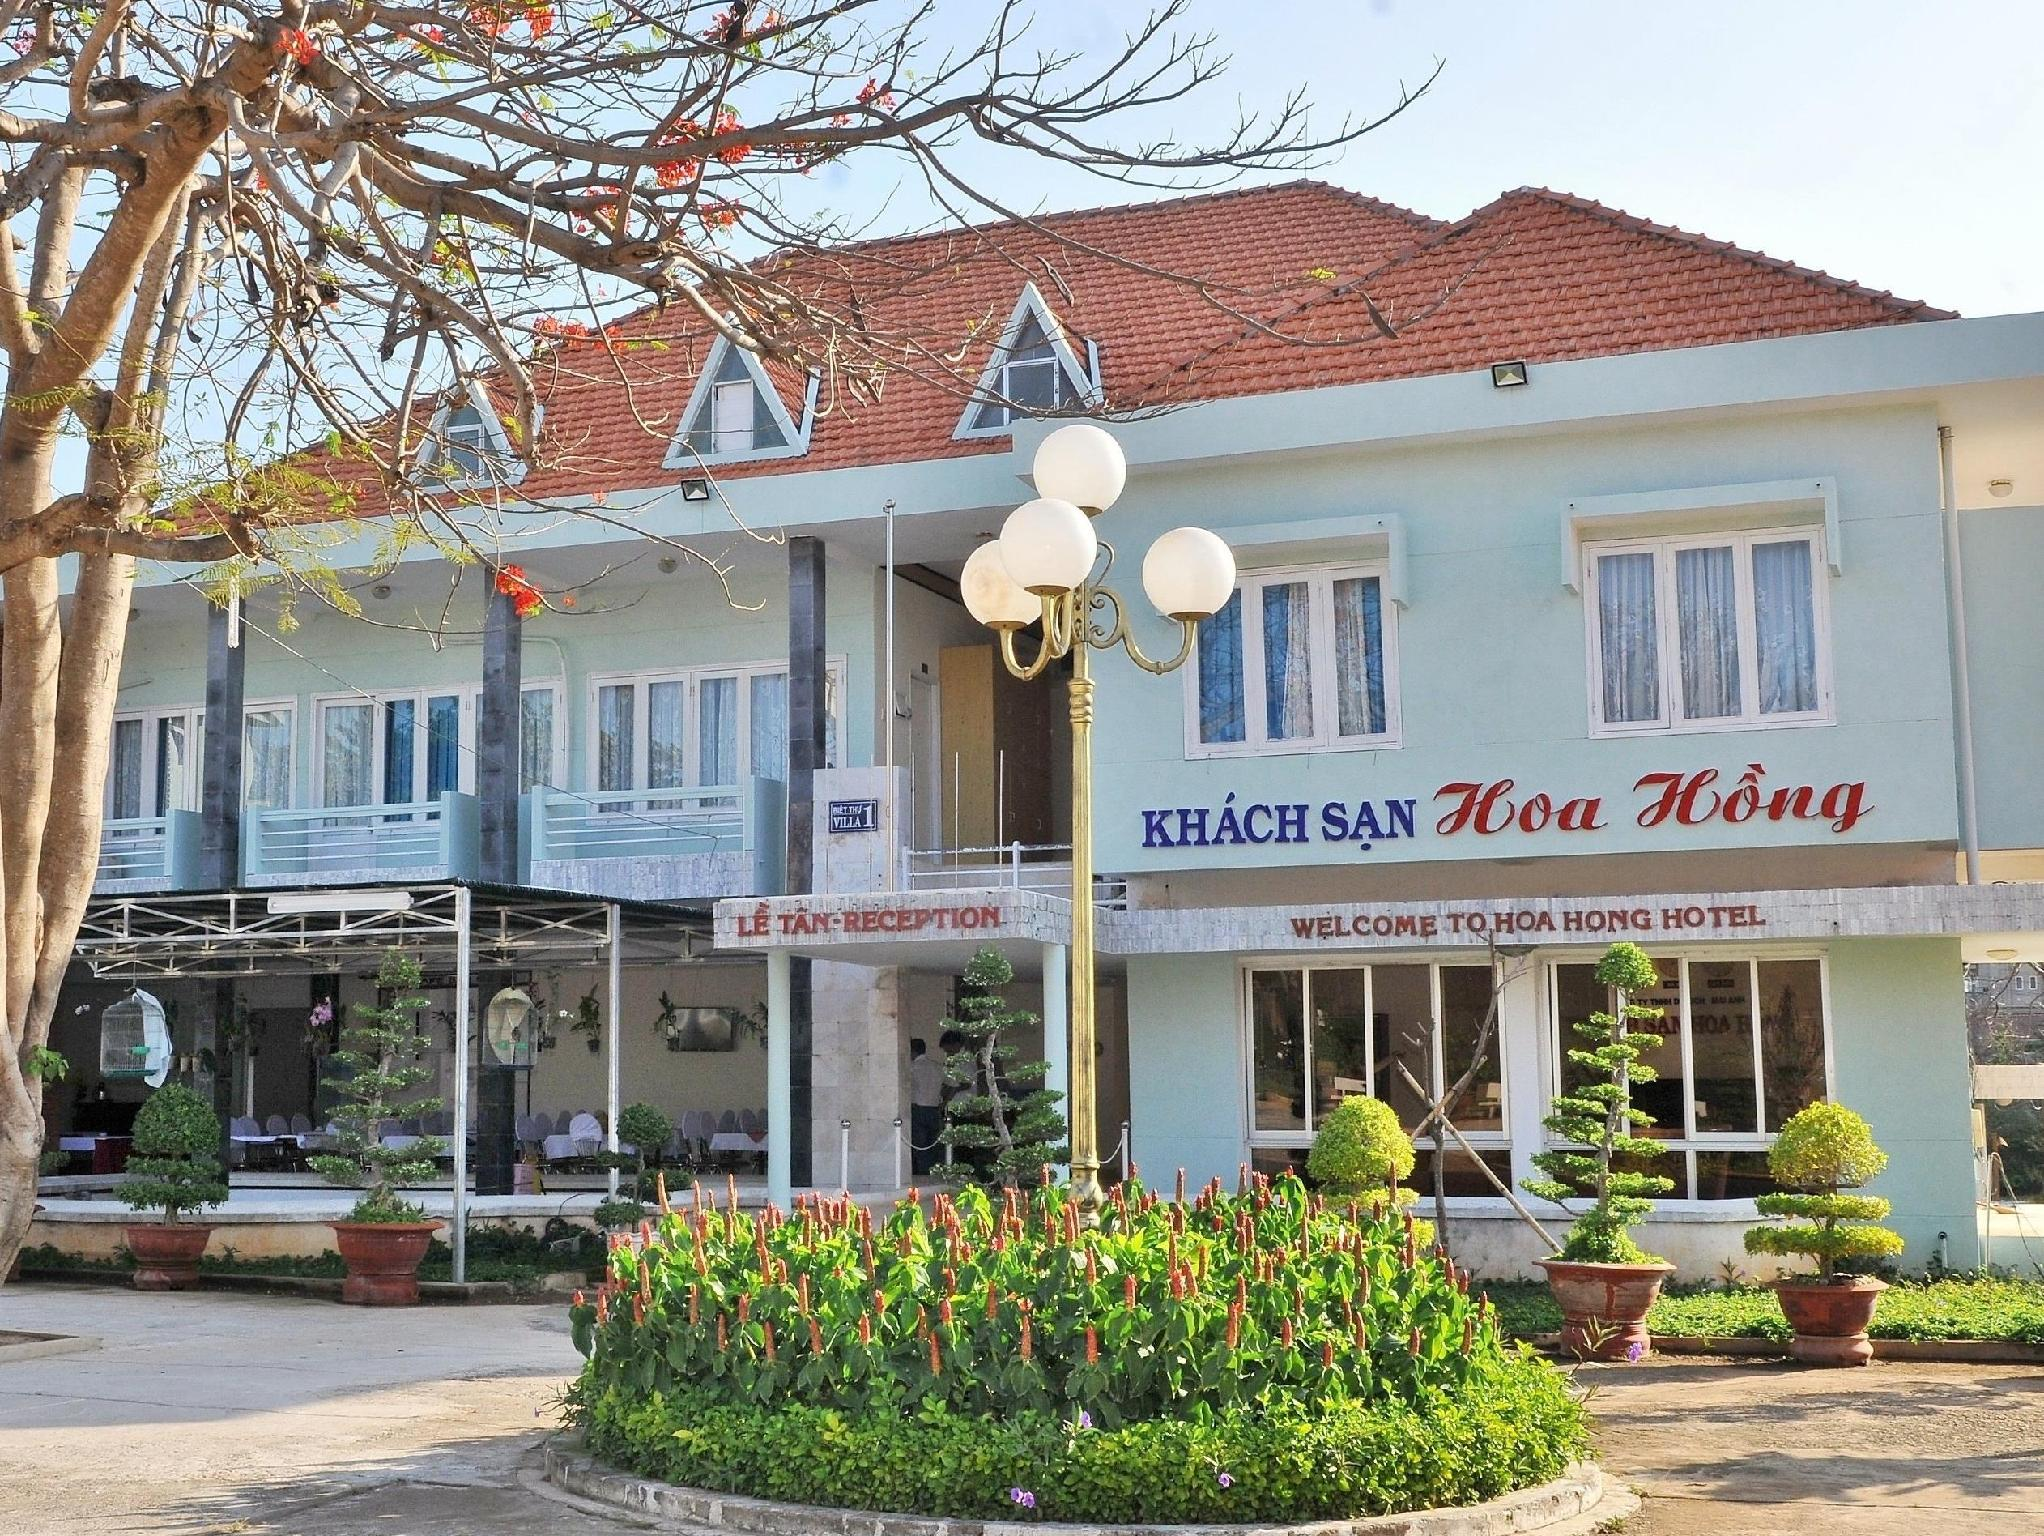 Khách Sạn Hoa Hồng Vũng Tàu